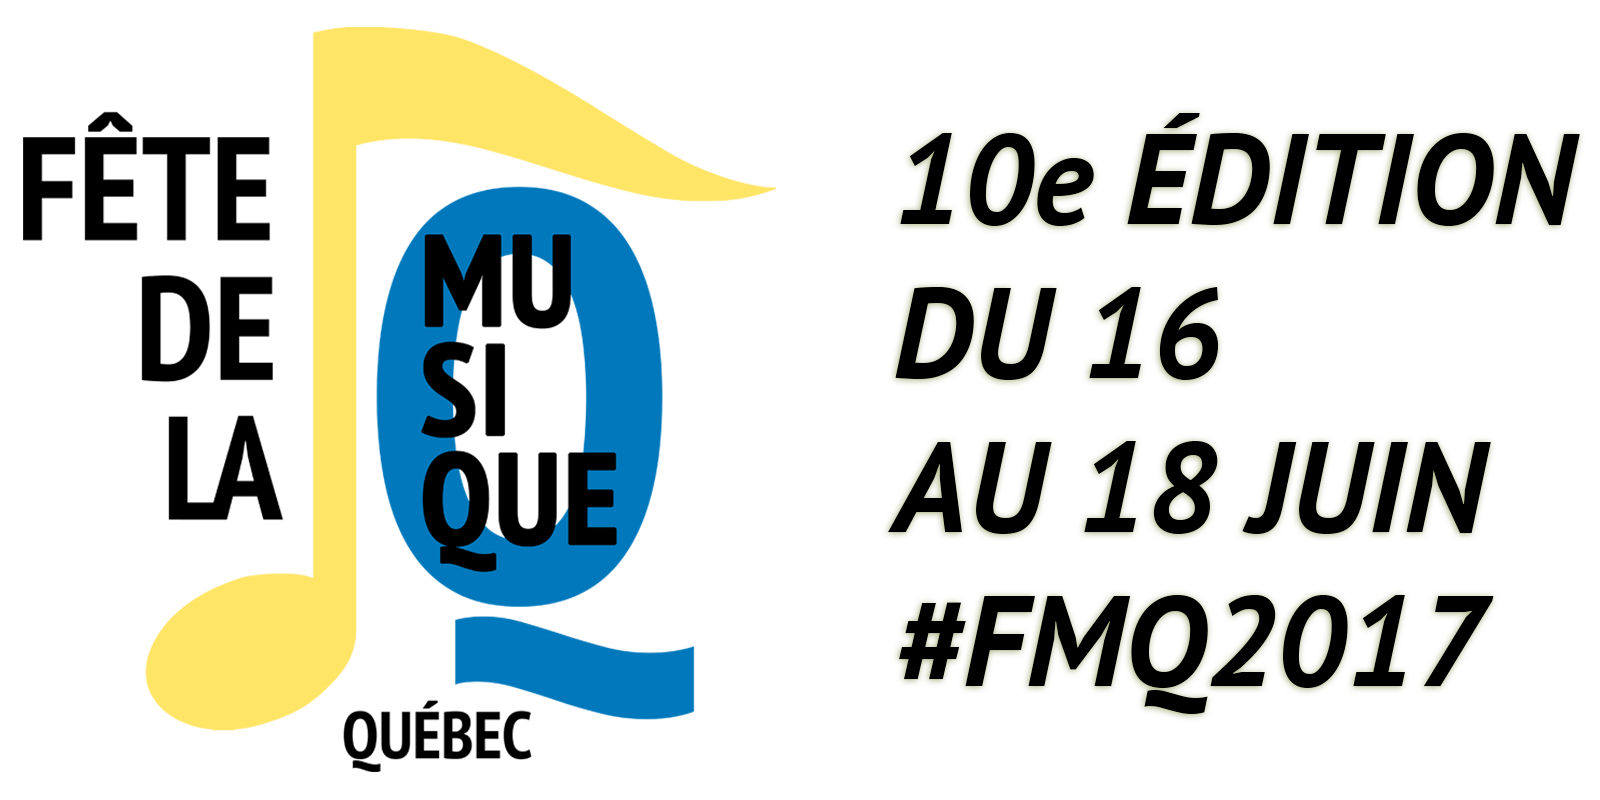 Fête de la Musique de Québec | 16 au 18 juin 2017